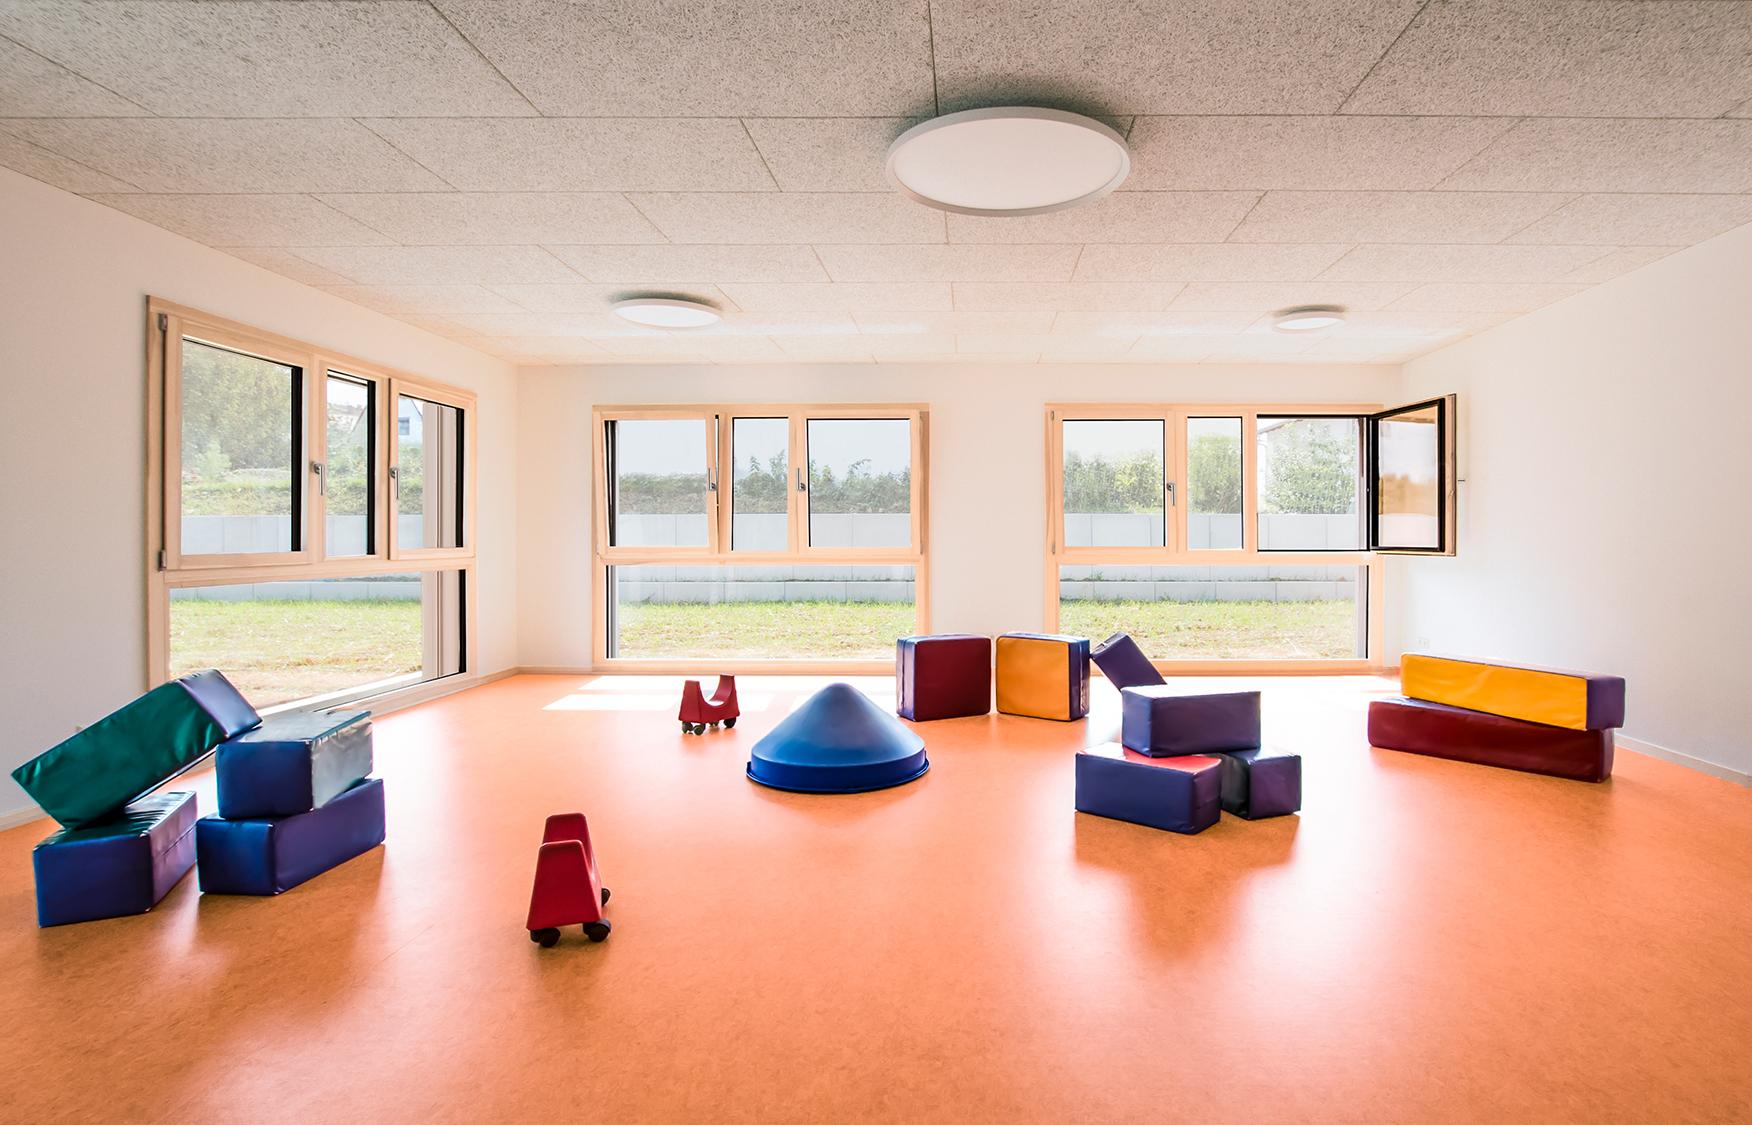 Kindertagesstätte, Dusslingen